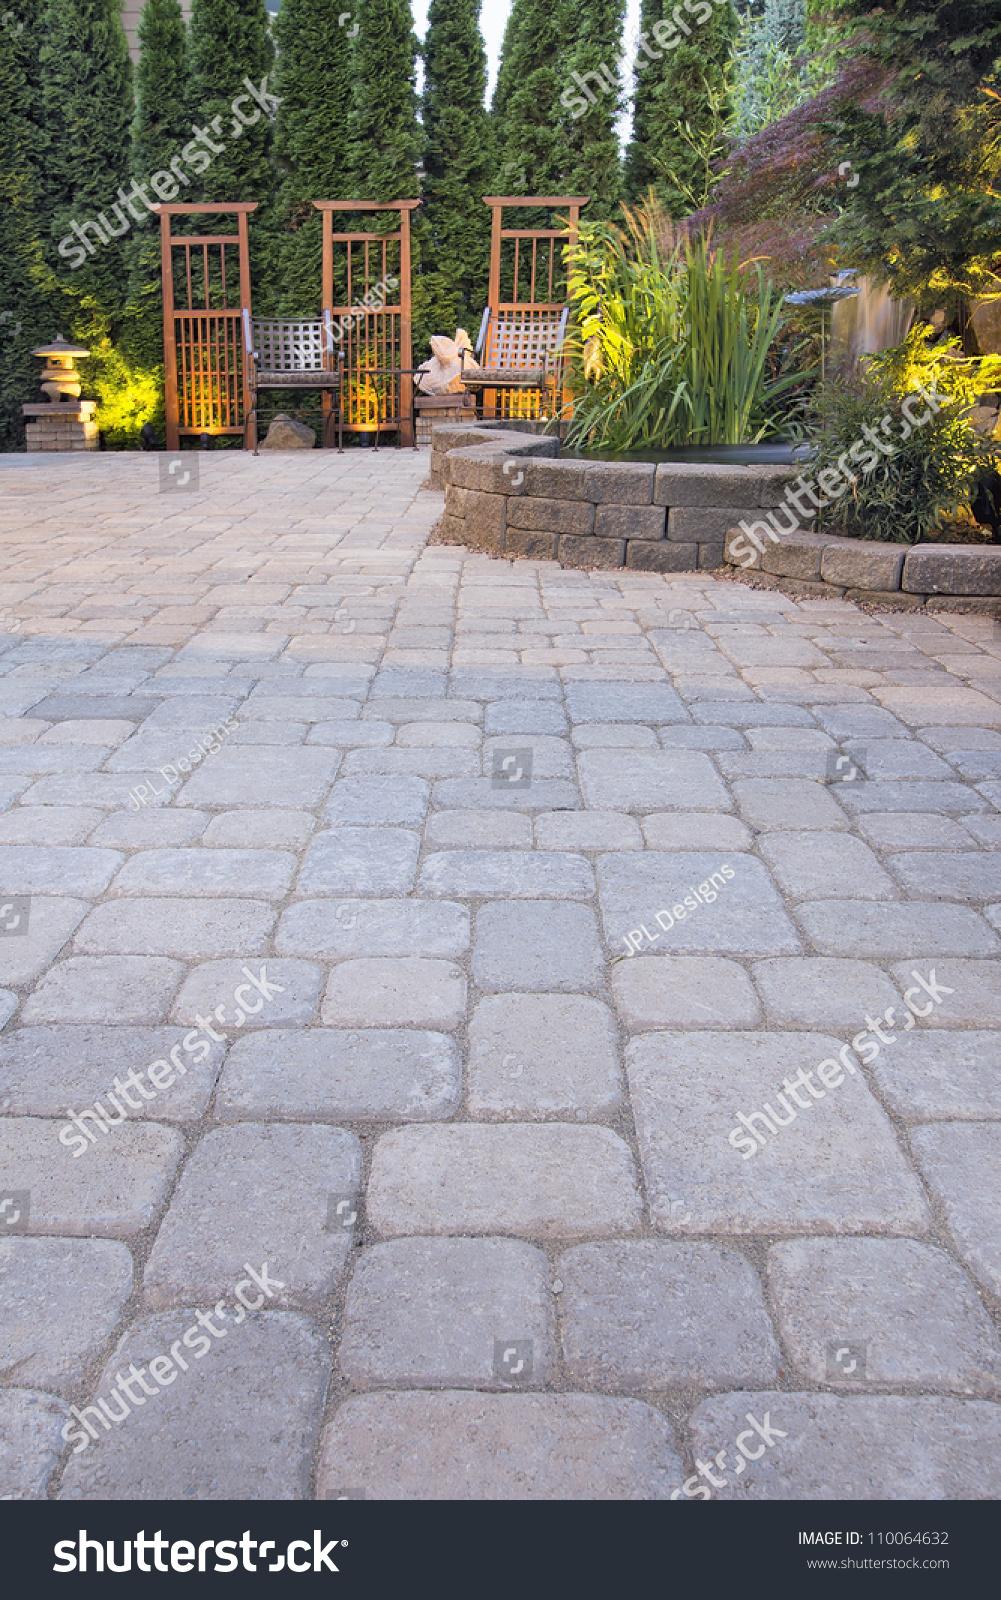 Garden Paver Patio With Trellis Japanese Stone Lantern